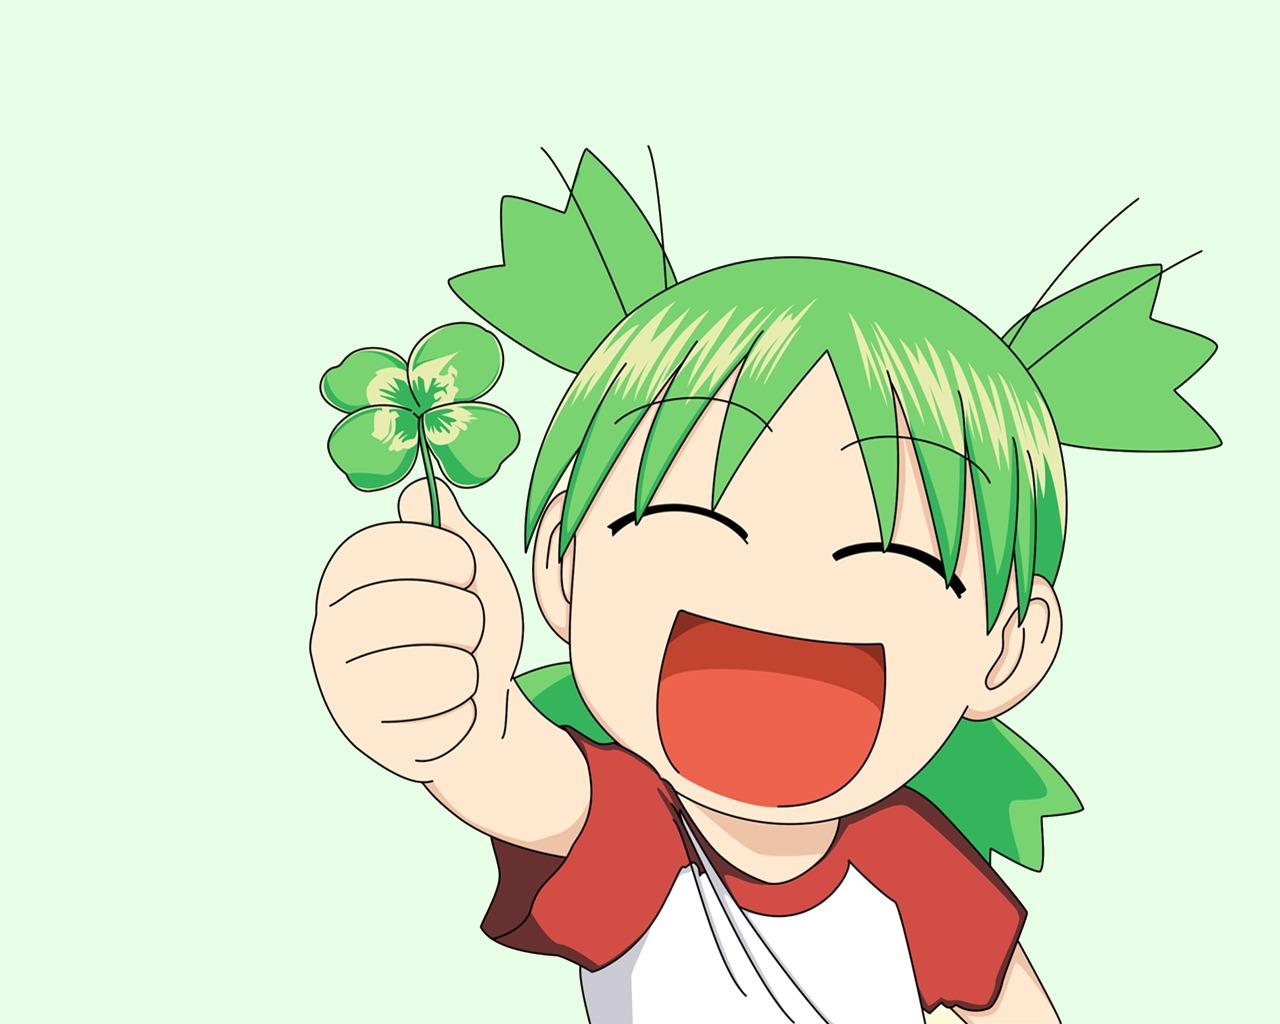 green koiwai_yotsuba yotsubato!